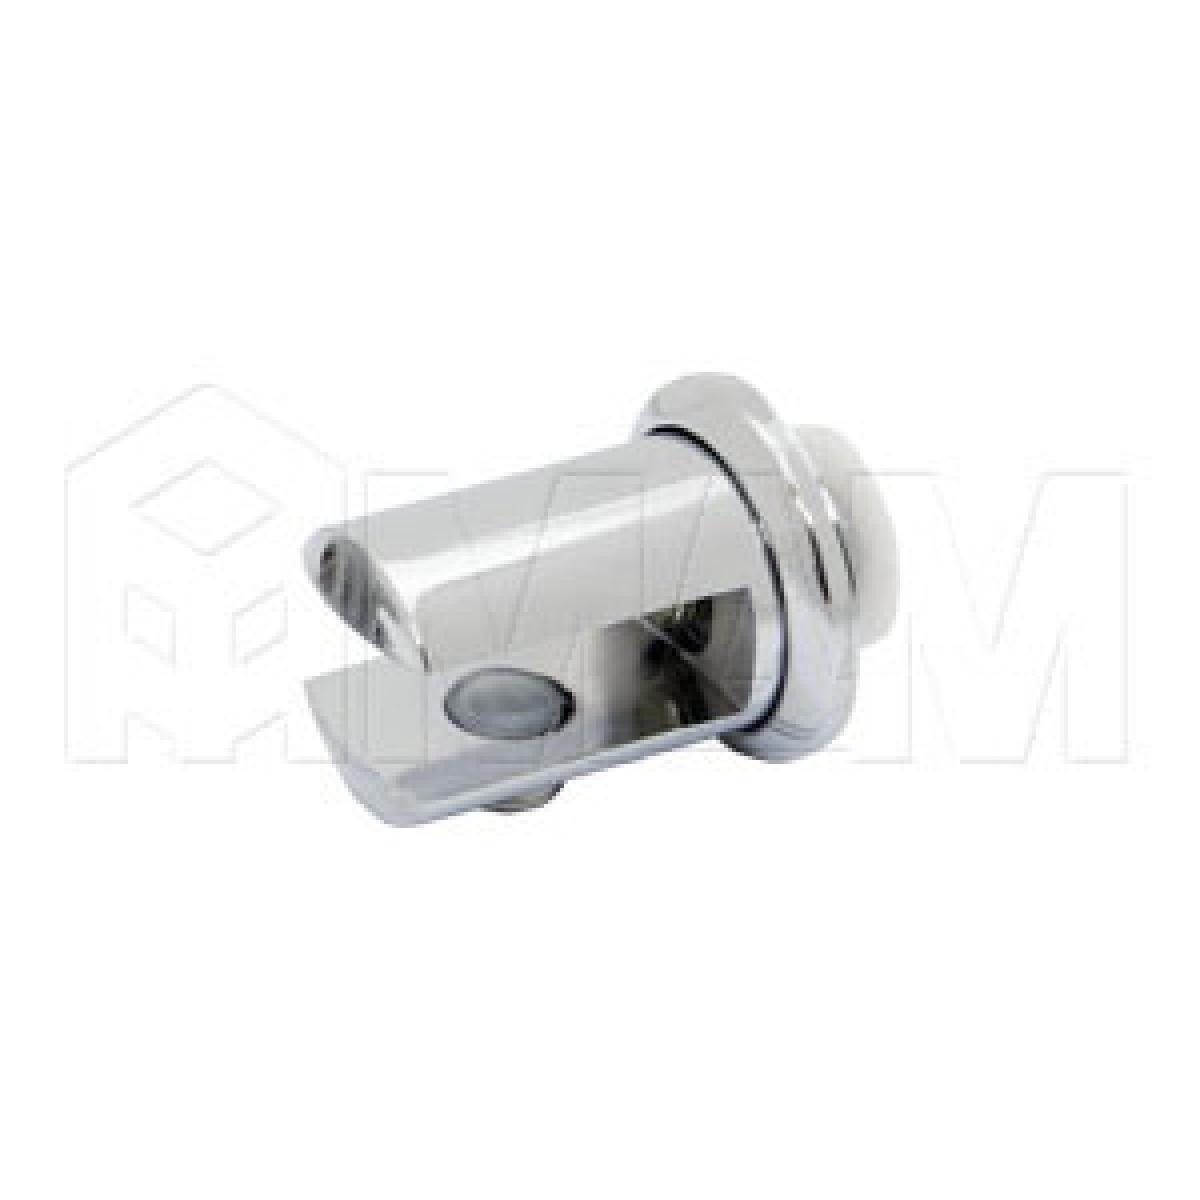 Полкодержатель с креплением к зеркалу 8-10 мм, хром